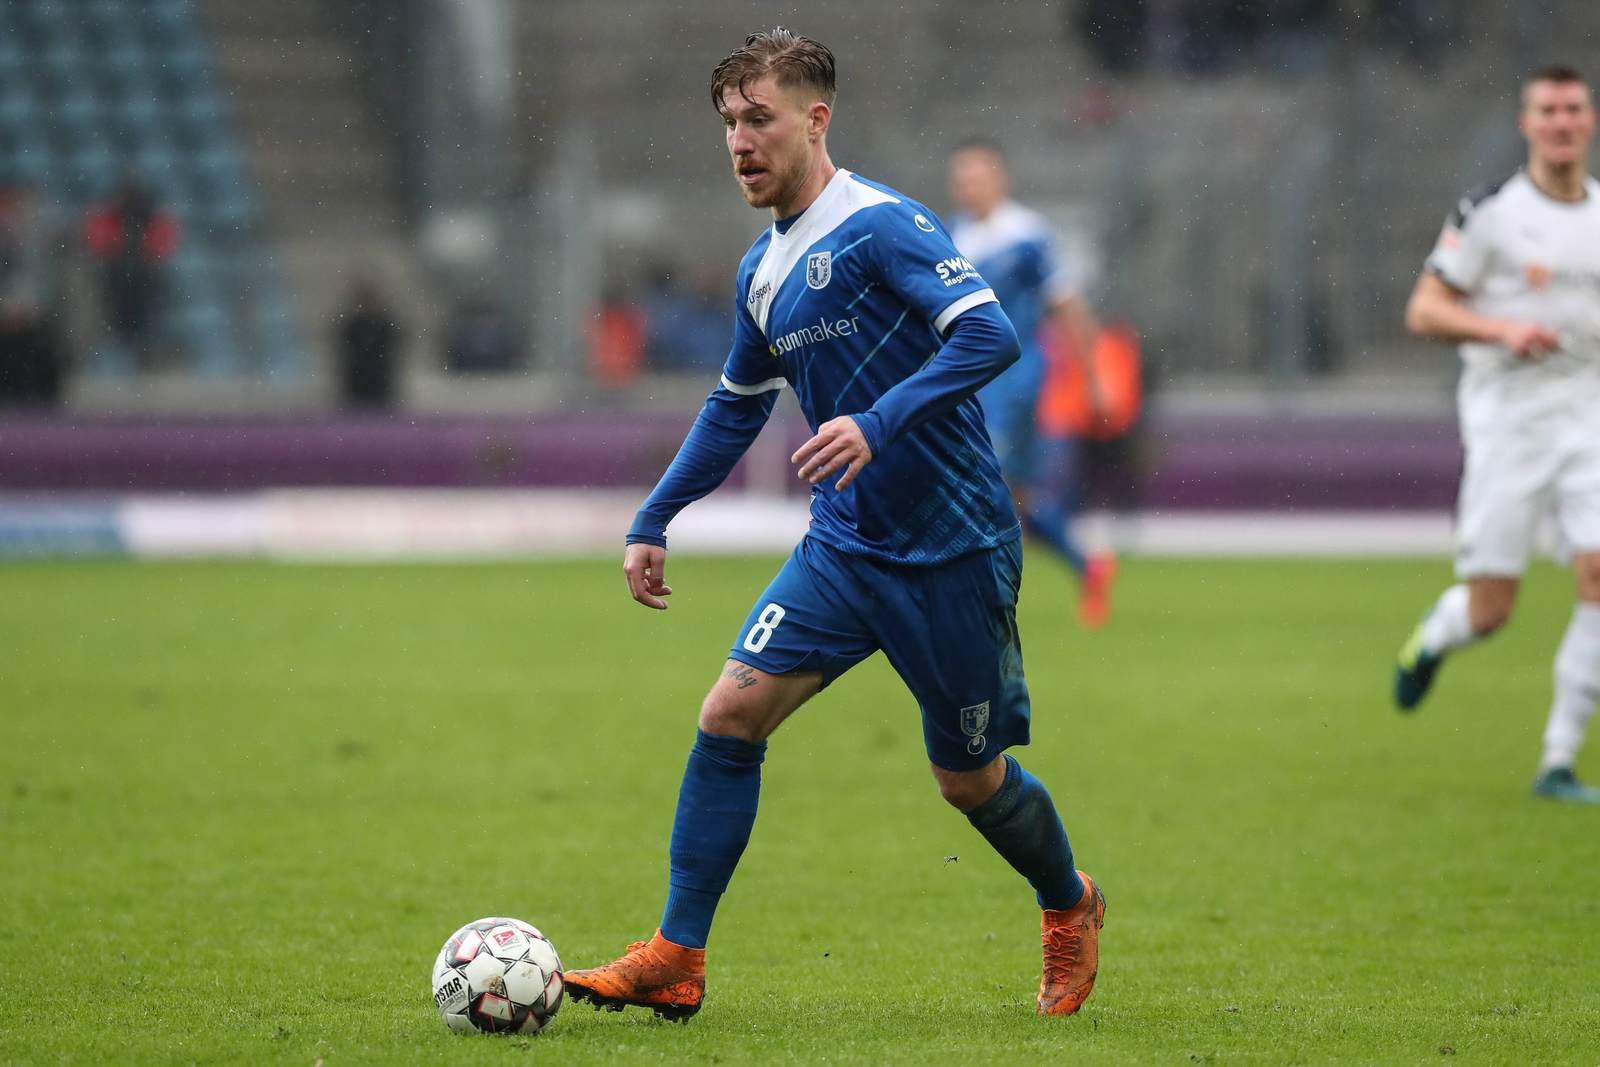 Philip Türpitz am Ball für den 1. FC Magdeburg